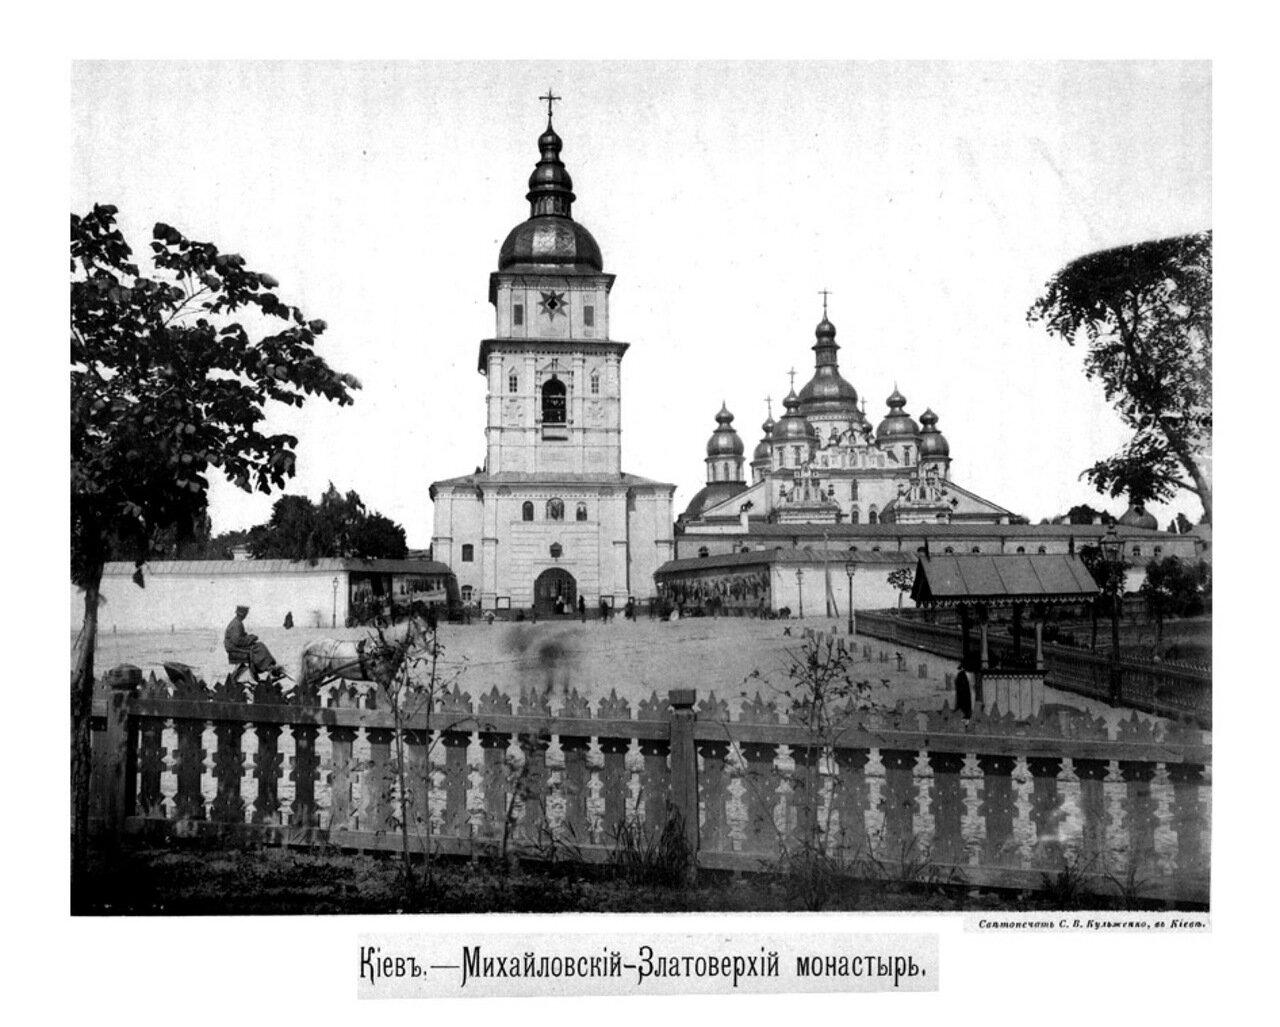 Михайлово-Златоверхий монастырь